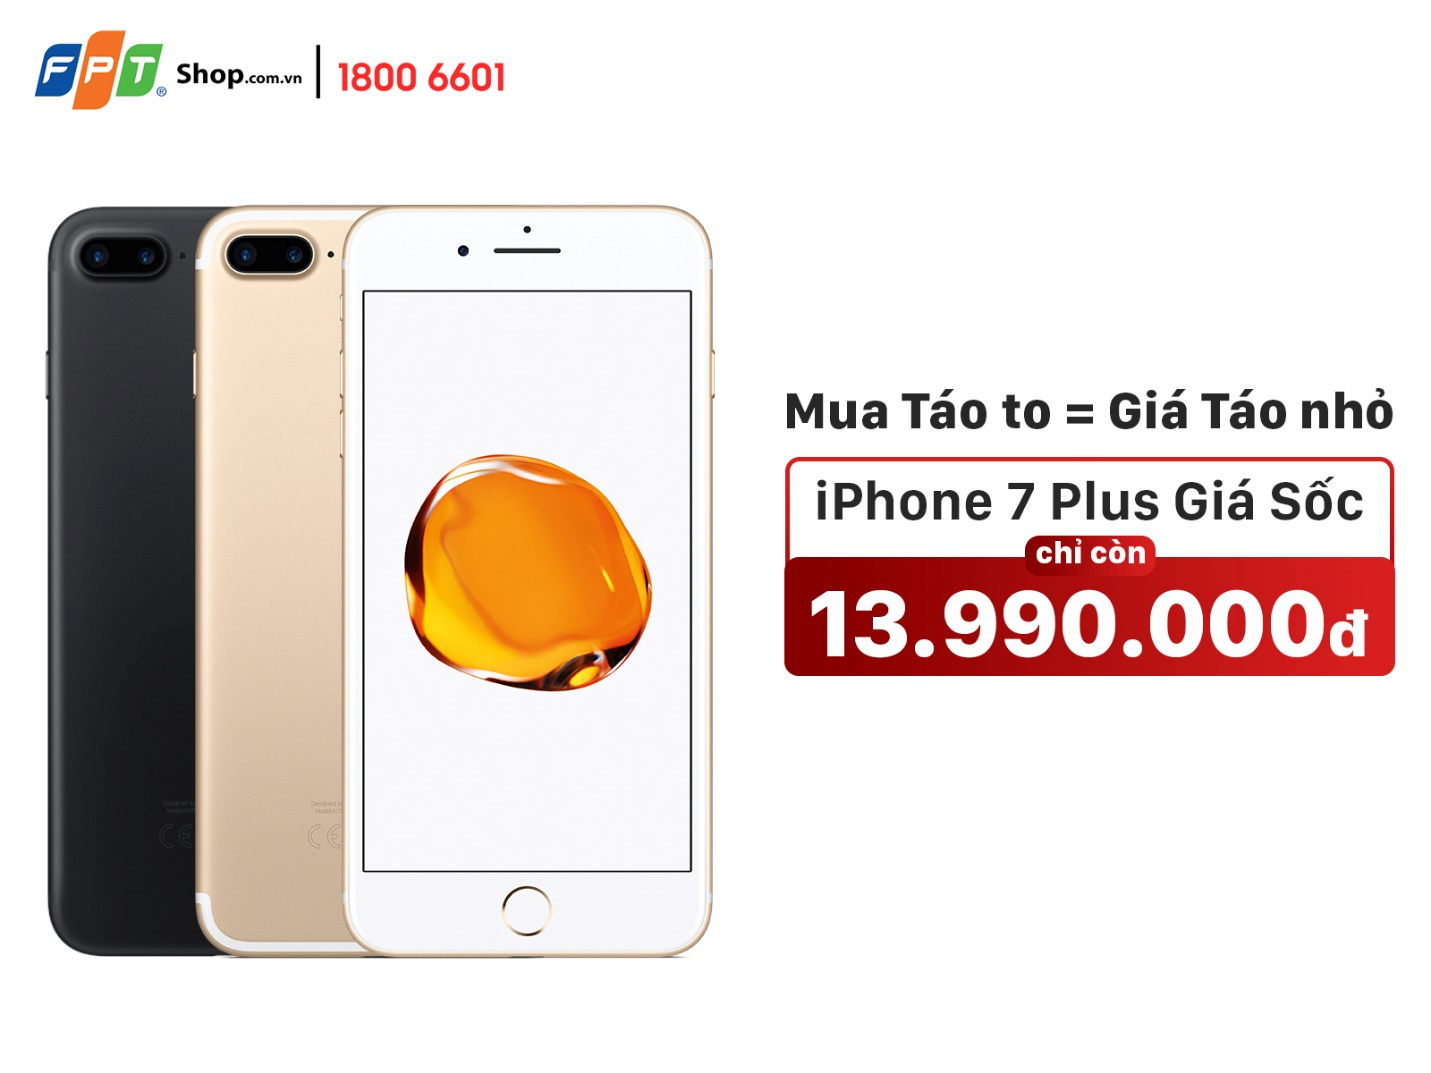 iPhone 7 Plus 32GB giảm 4 triệu tại FPT Shop, giá bằng iPhone 7 -